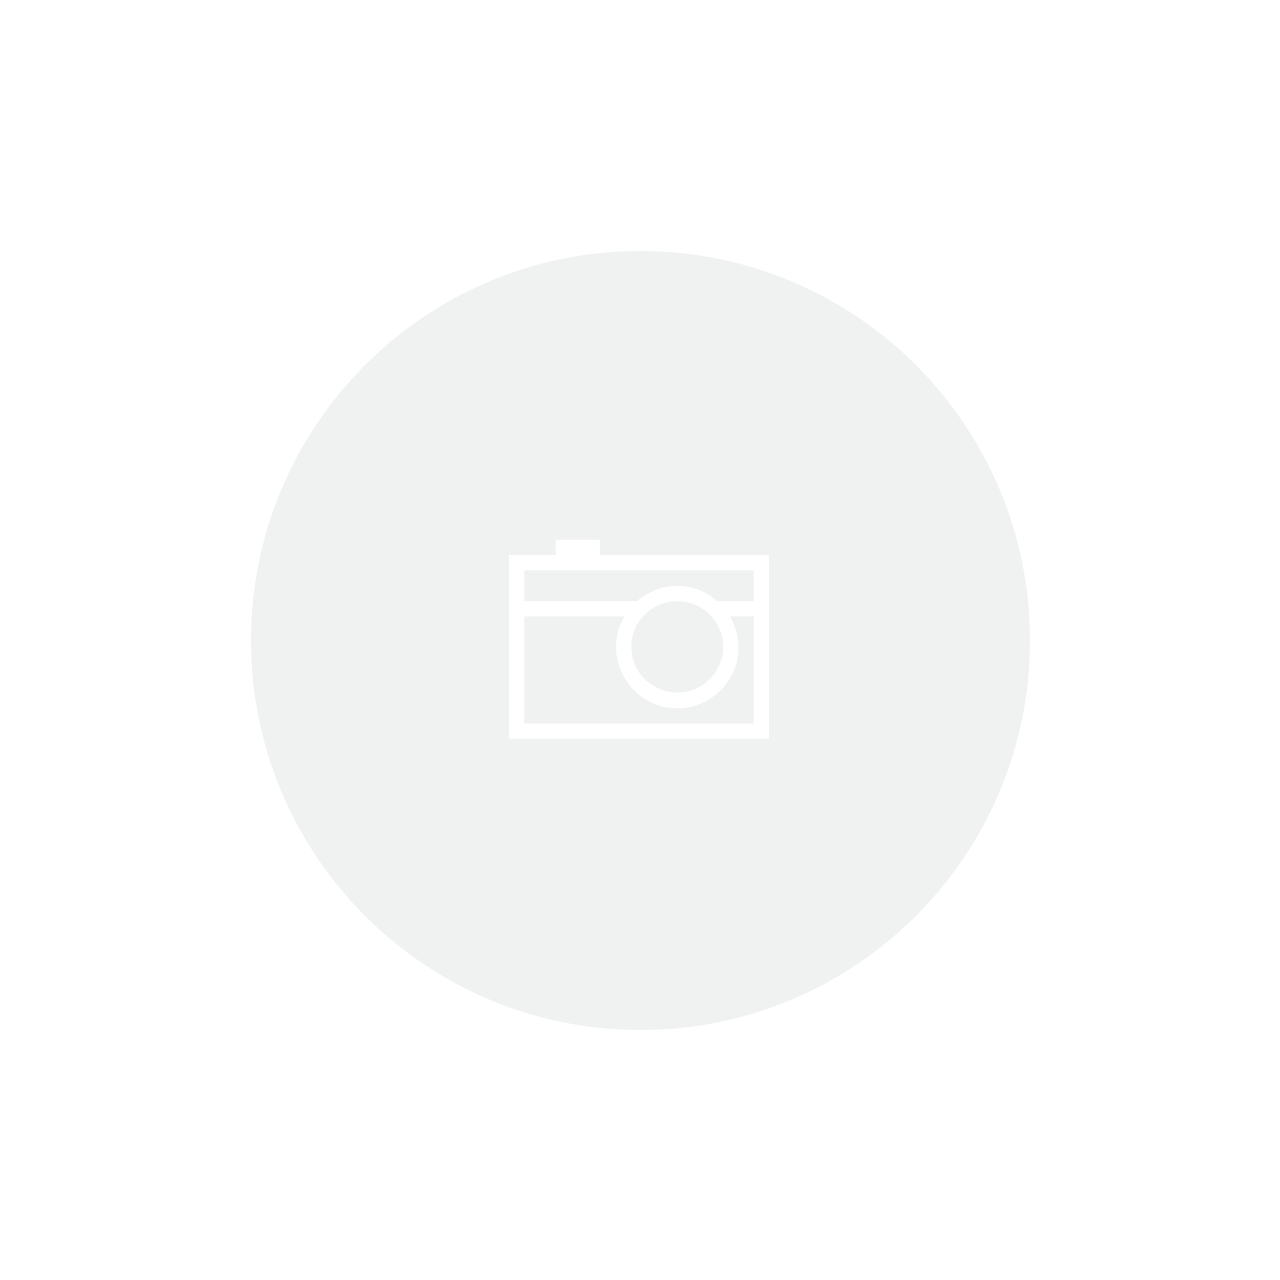 Caixa Espelhada 20x11,5x4cm Essenza